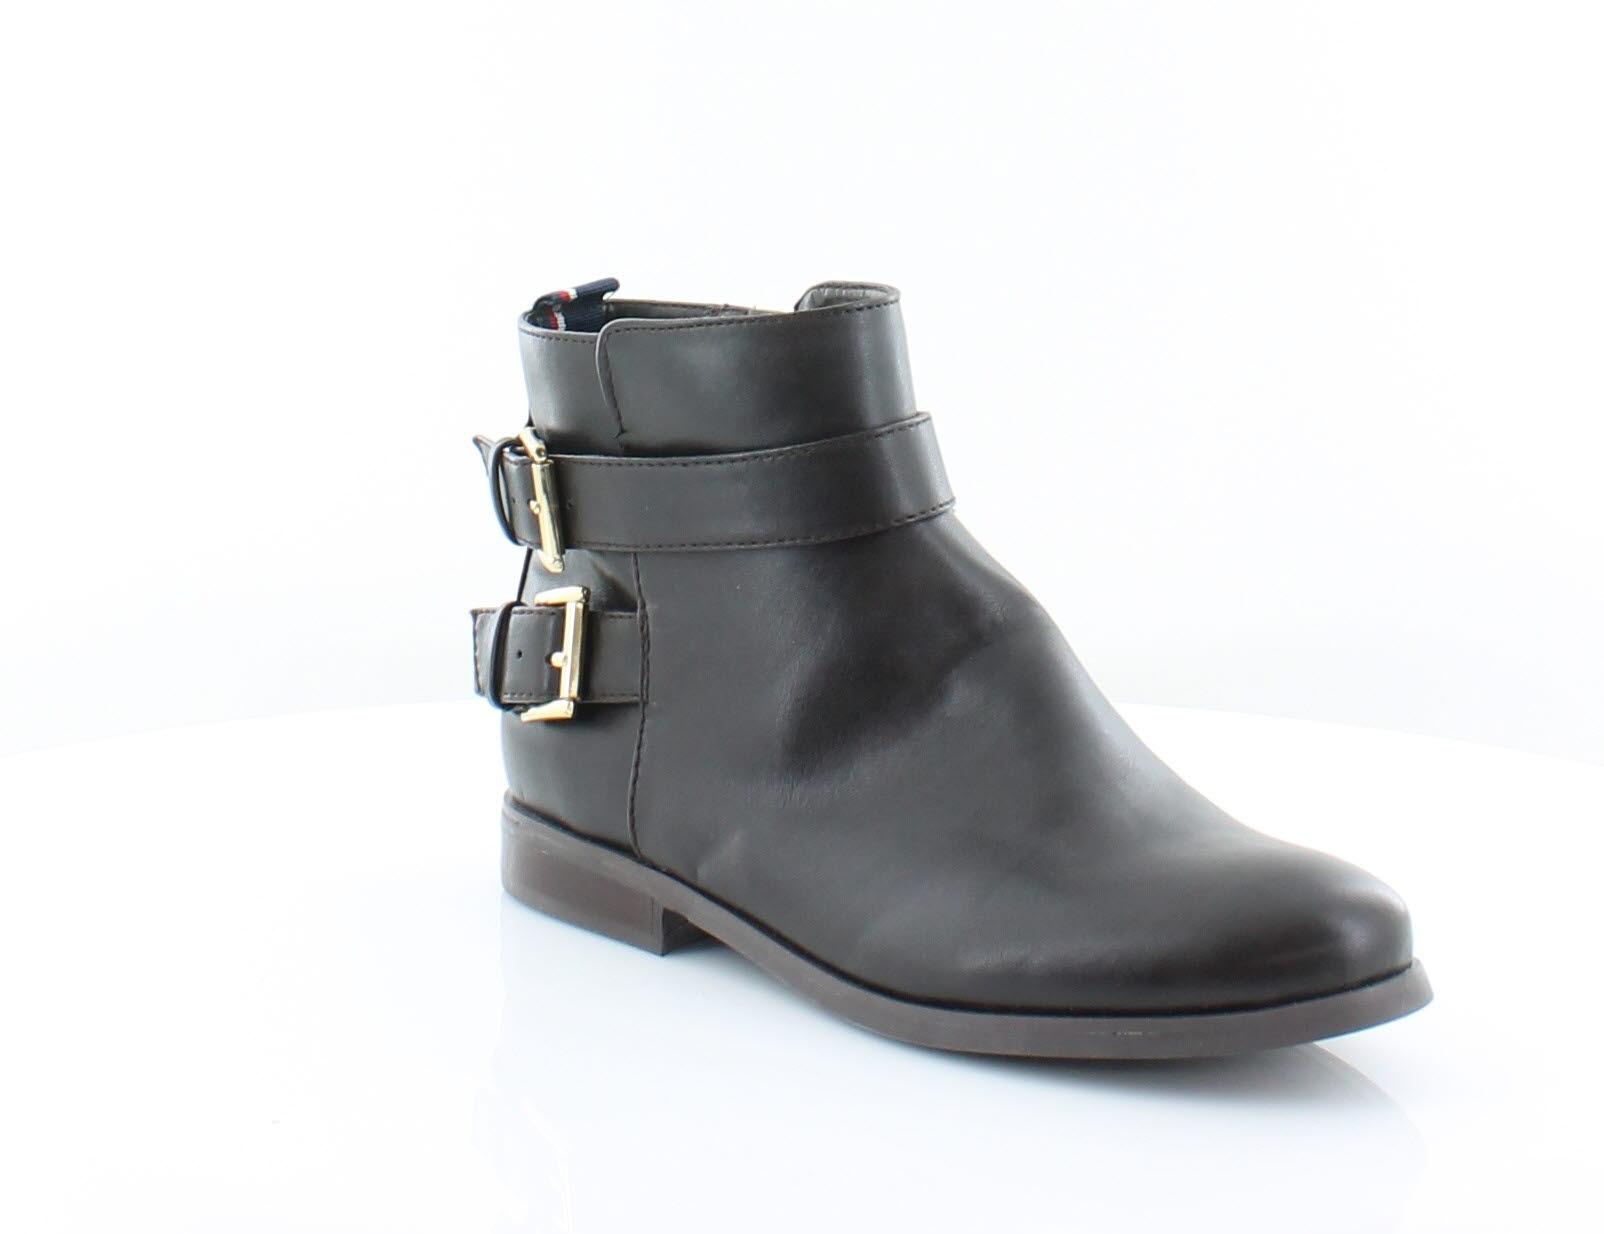 Tommy Hilfiger Hilfiger Tommy New Julie Braun Damenschuhe Schuhes Größe 7.5 M Stiefel MSRP ... 25a715